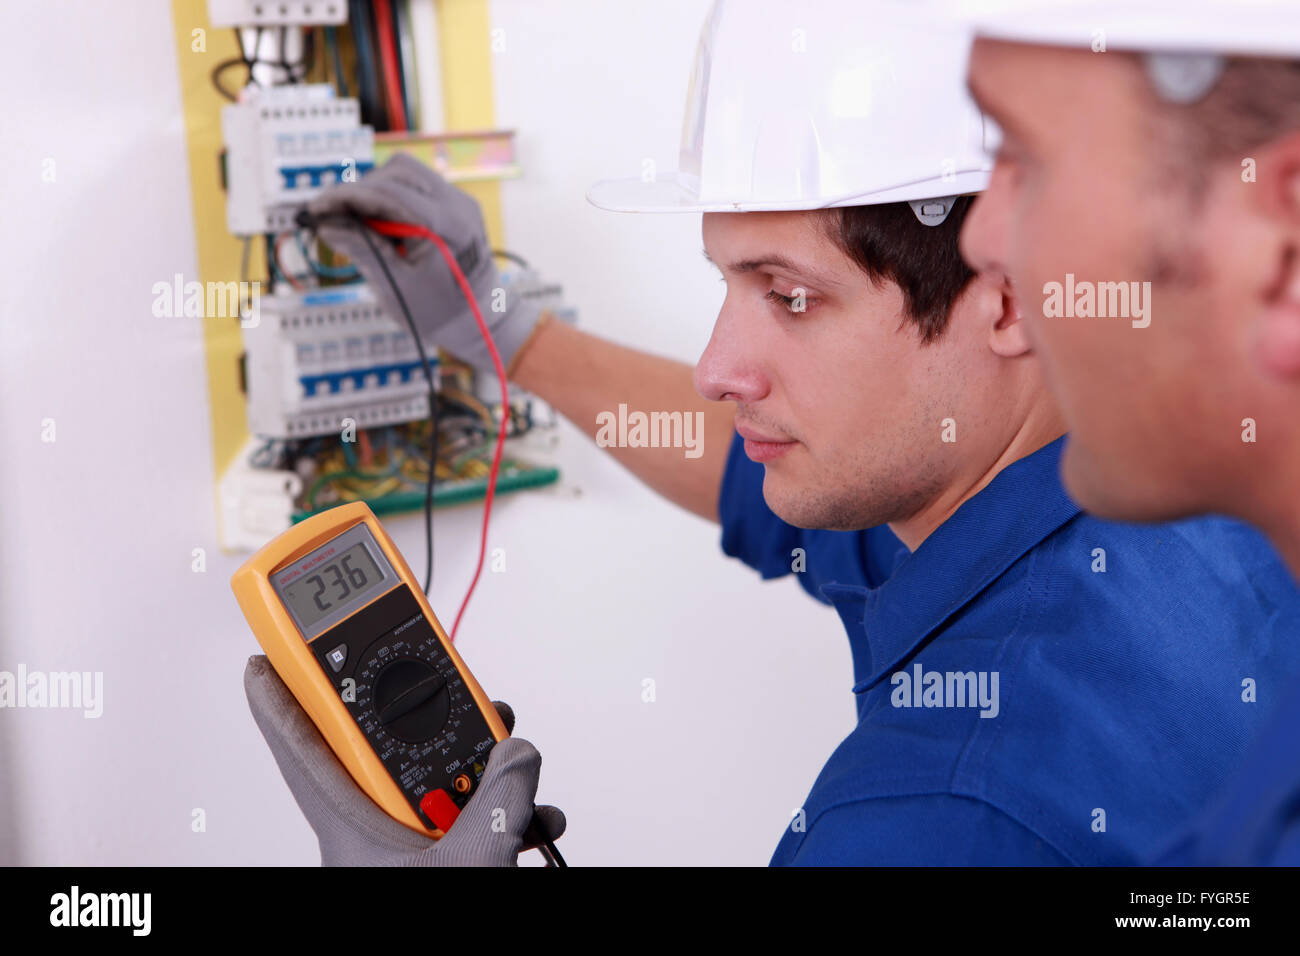 Deux ingénieurs de l'équipement électrique Contrôle technique Banque D'Images